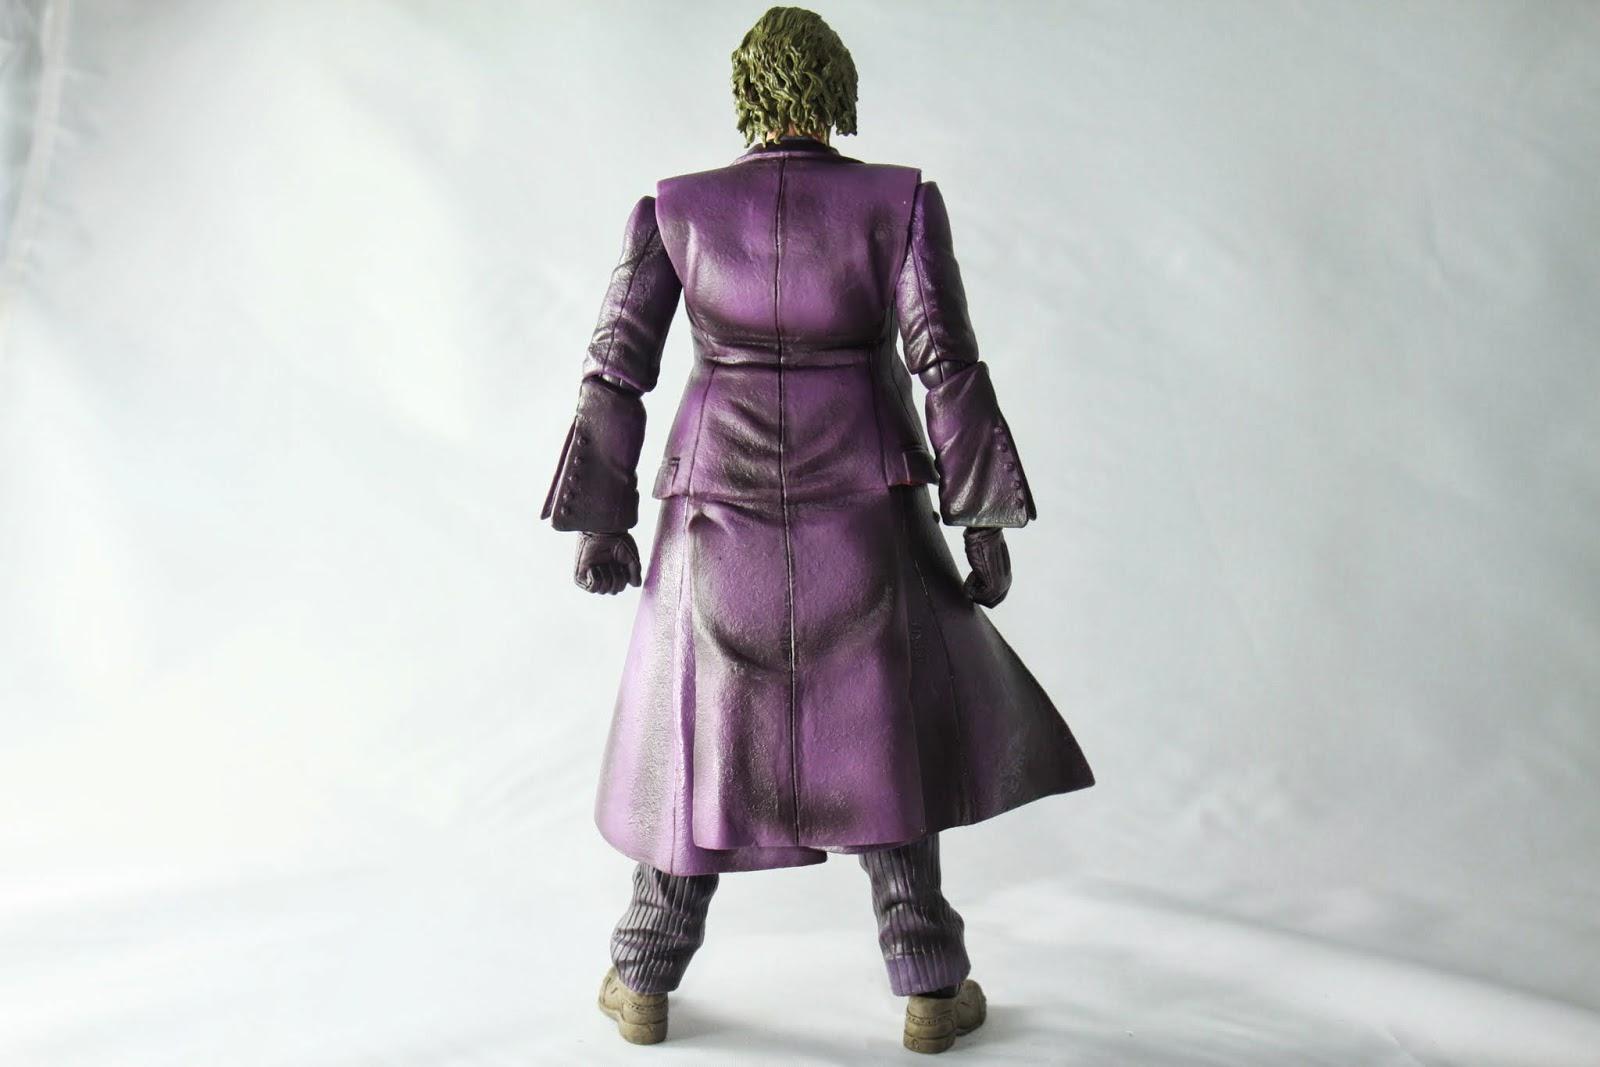 增加衣服的可動導致背後看起來怪怪的